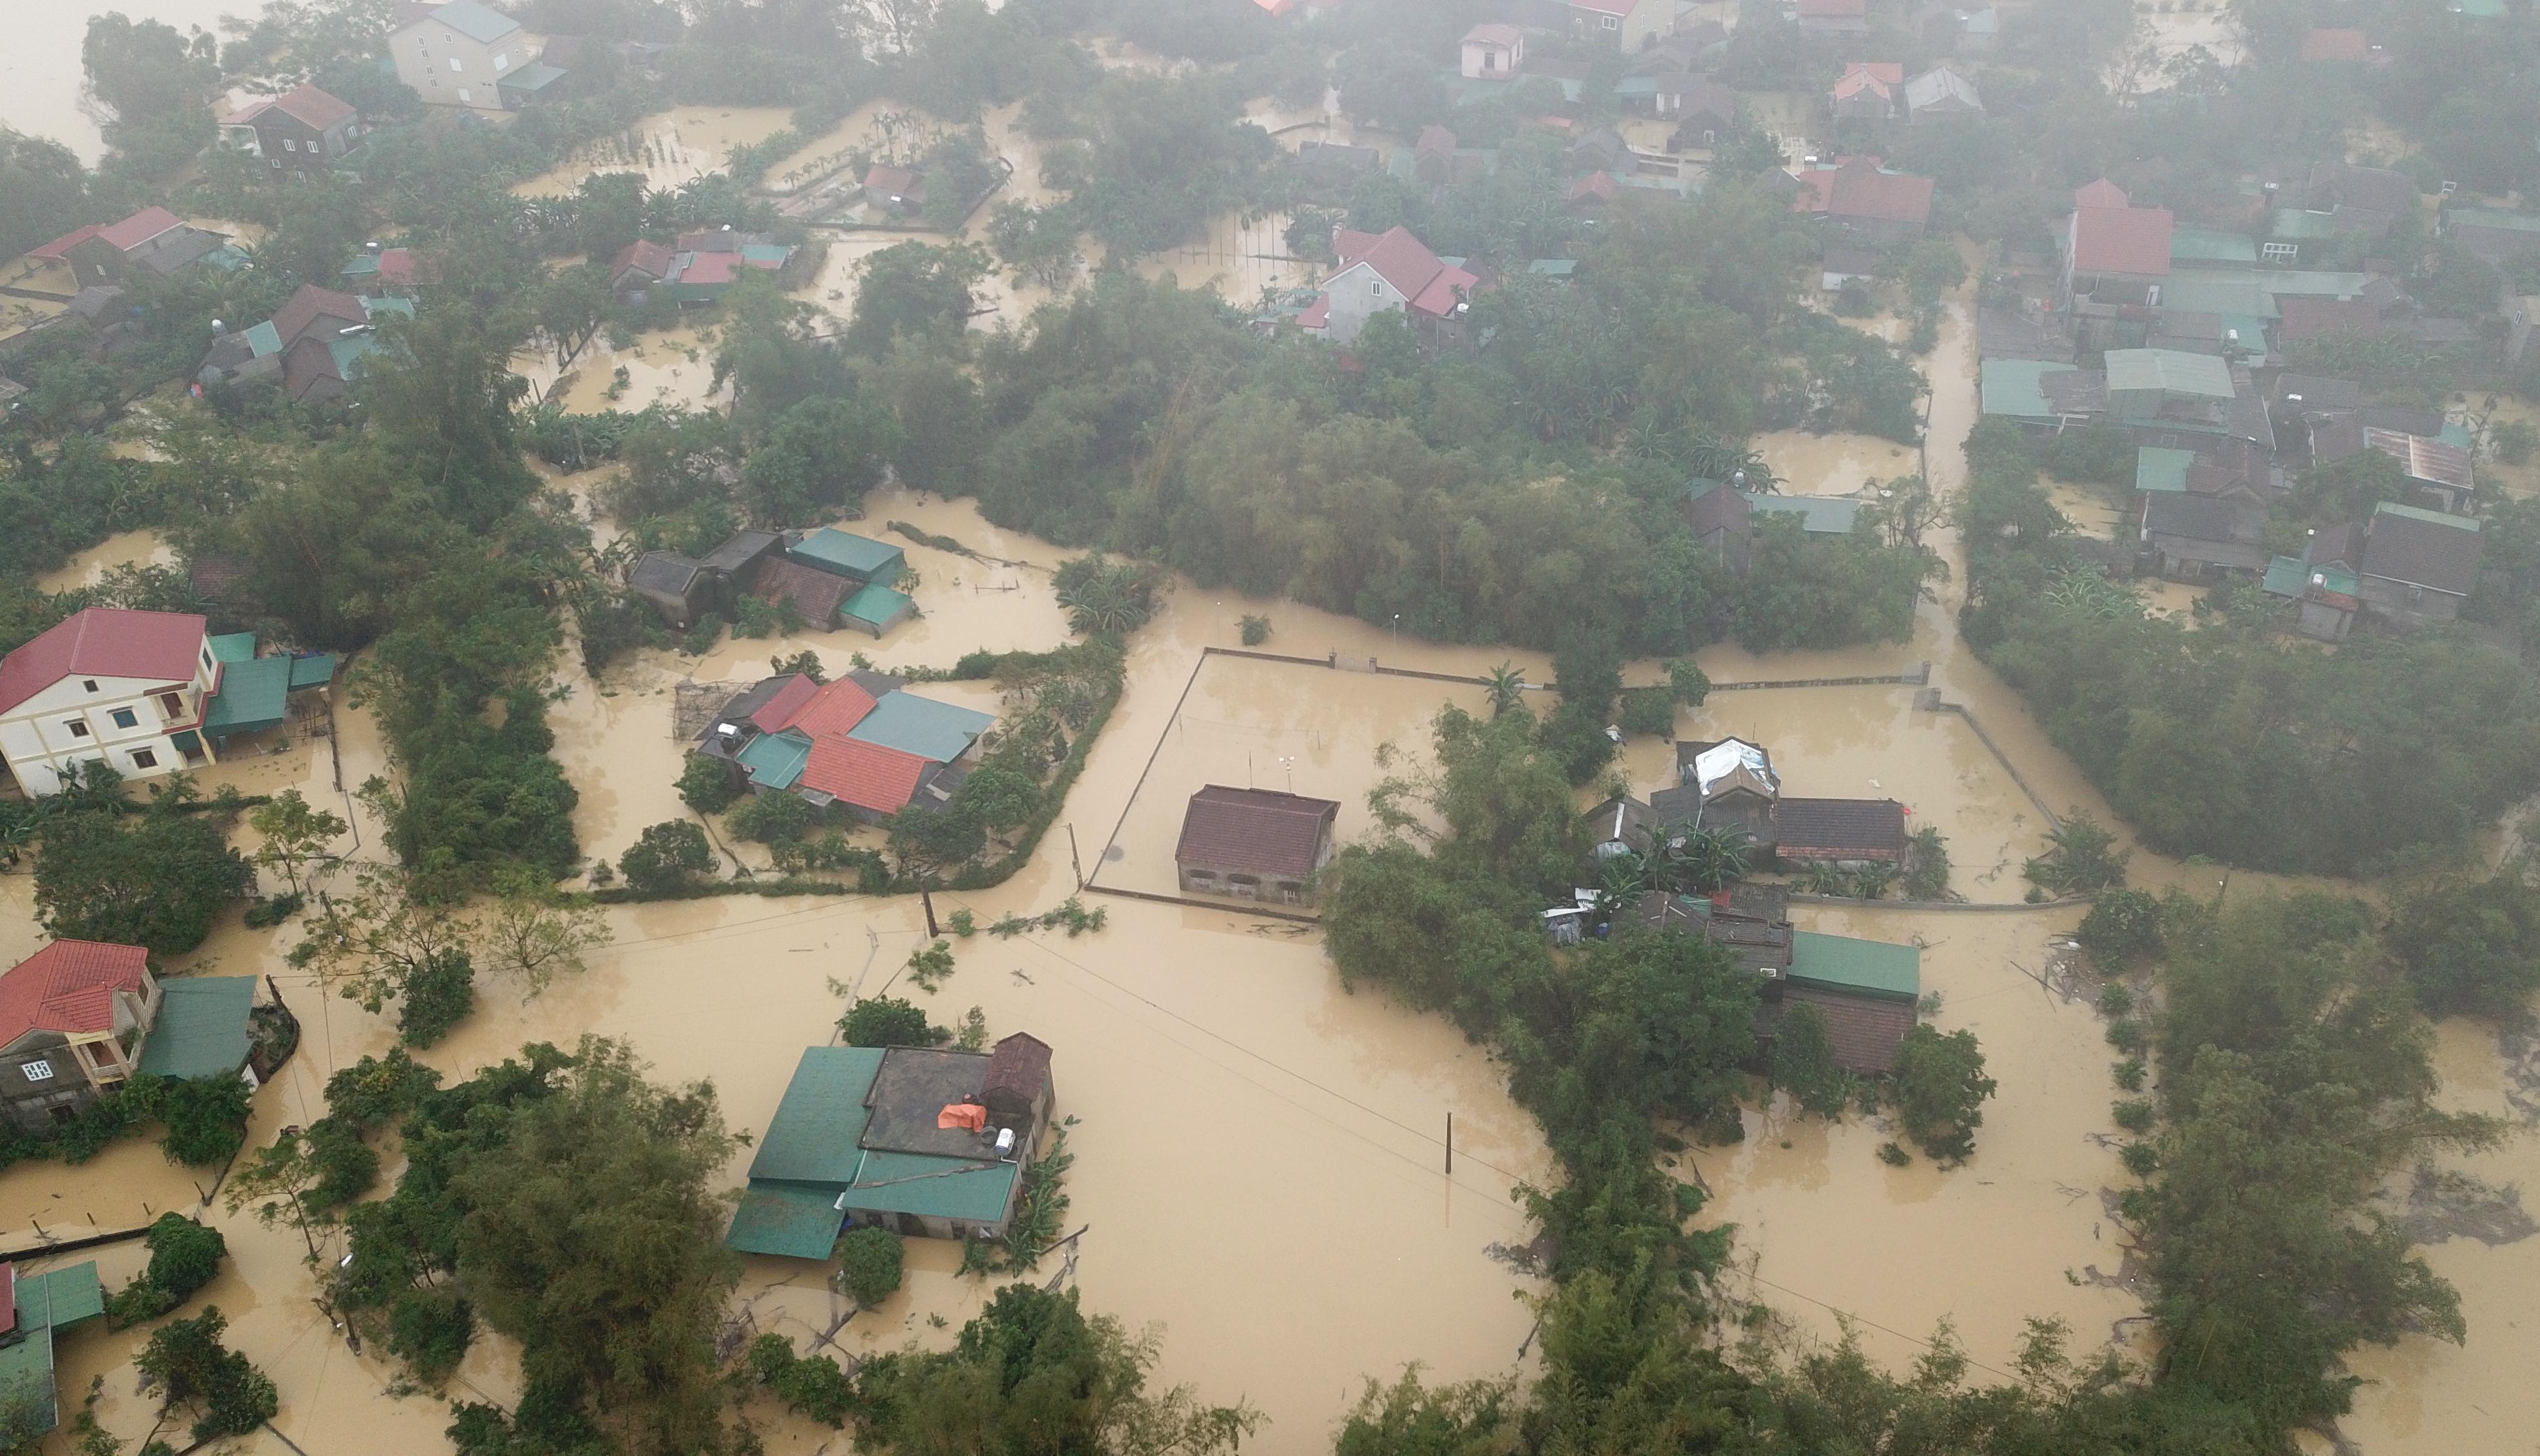 Nghệ An: Người dân ven sông phải lên đê dựng lều cho trâu bò trú ẩn - Ảnh 2.